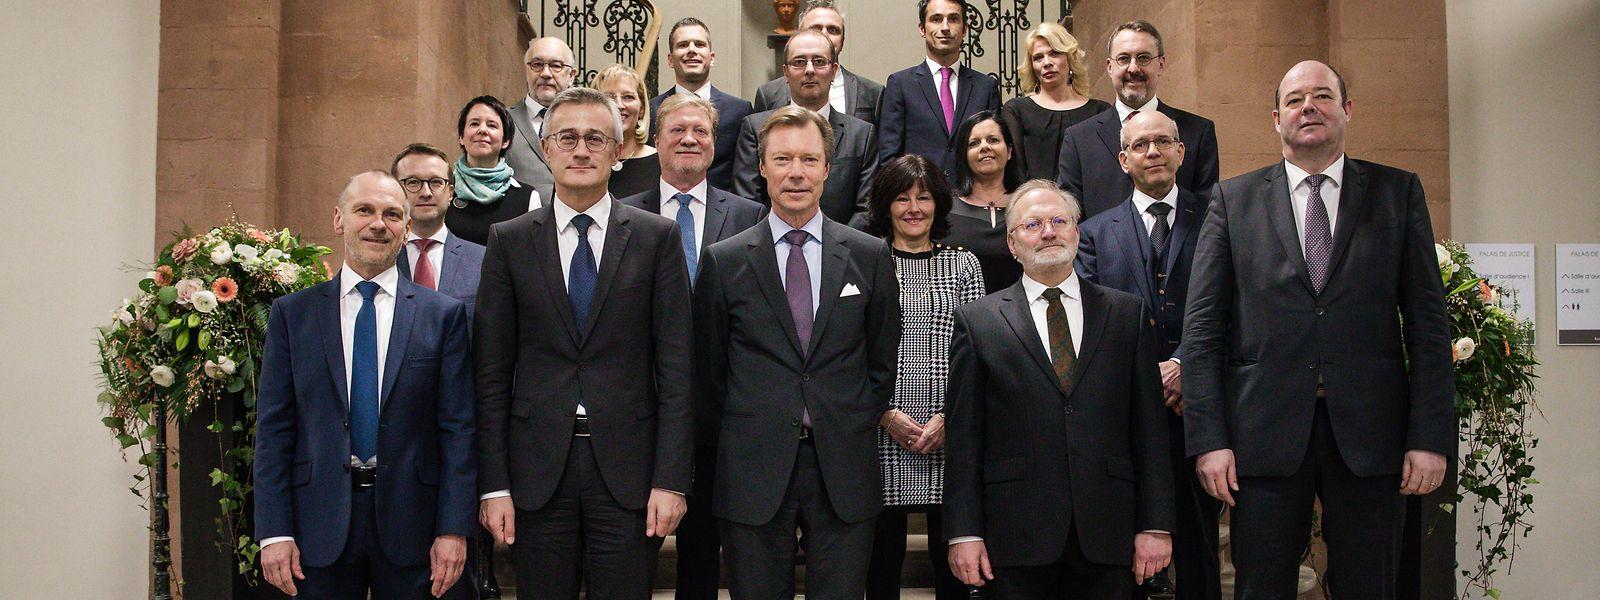 Aloyse Weirich (Staatsanwalt), Félix Braz (Justizminister), Großherzog Henri, Jean-Claude Kurek (Präsident des Diekircher Tribunals) und Claude Haagen (Bürgermeister von Diekirch) (Erste Reihe v.l.n.r).